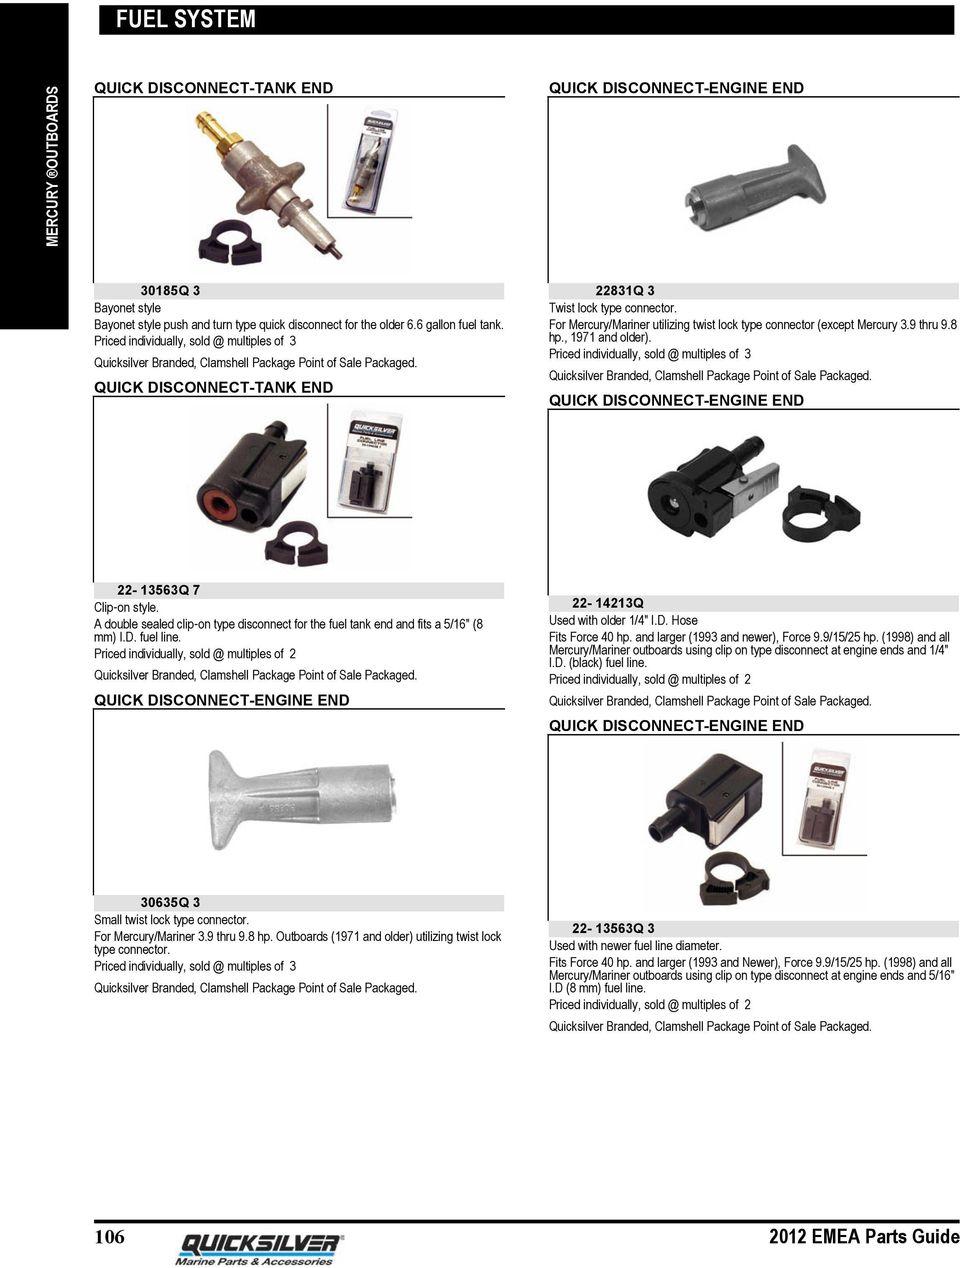 medium resolution of for mercury mariner utilizing twist lock type connector except mercury 3 9 thru 9 8 hp